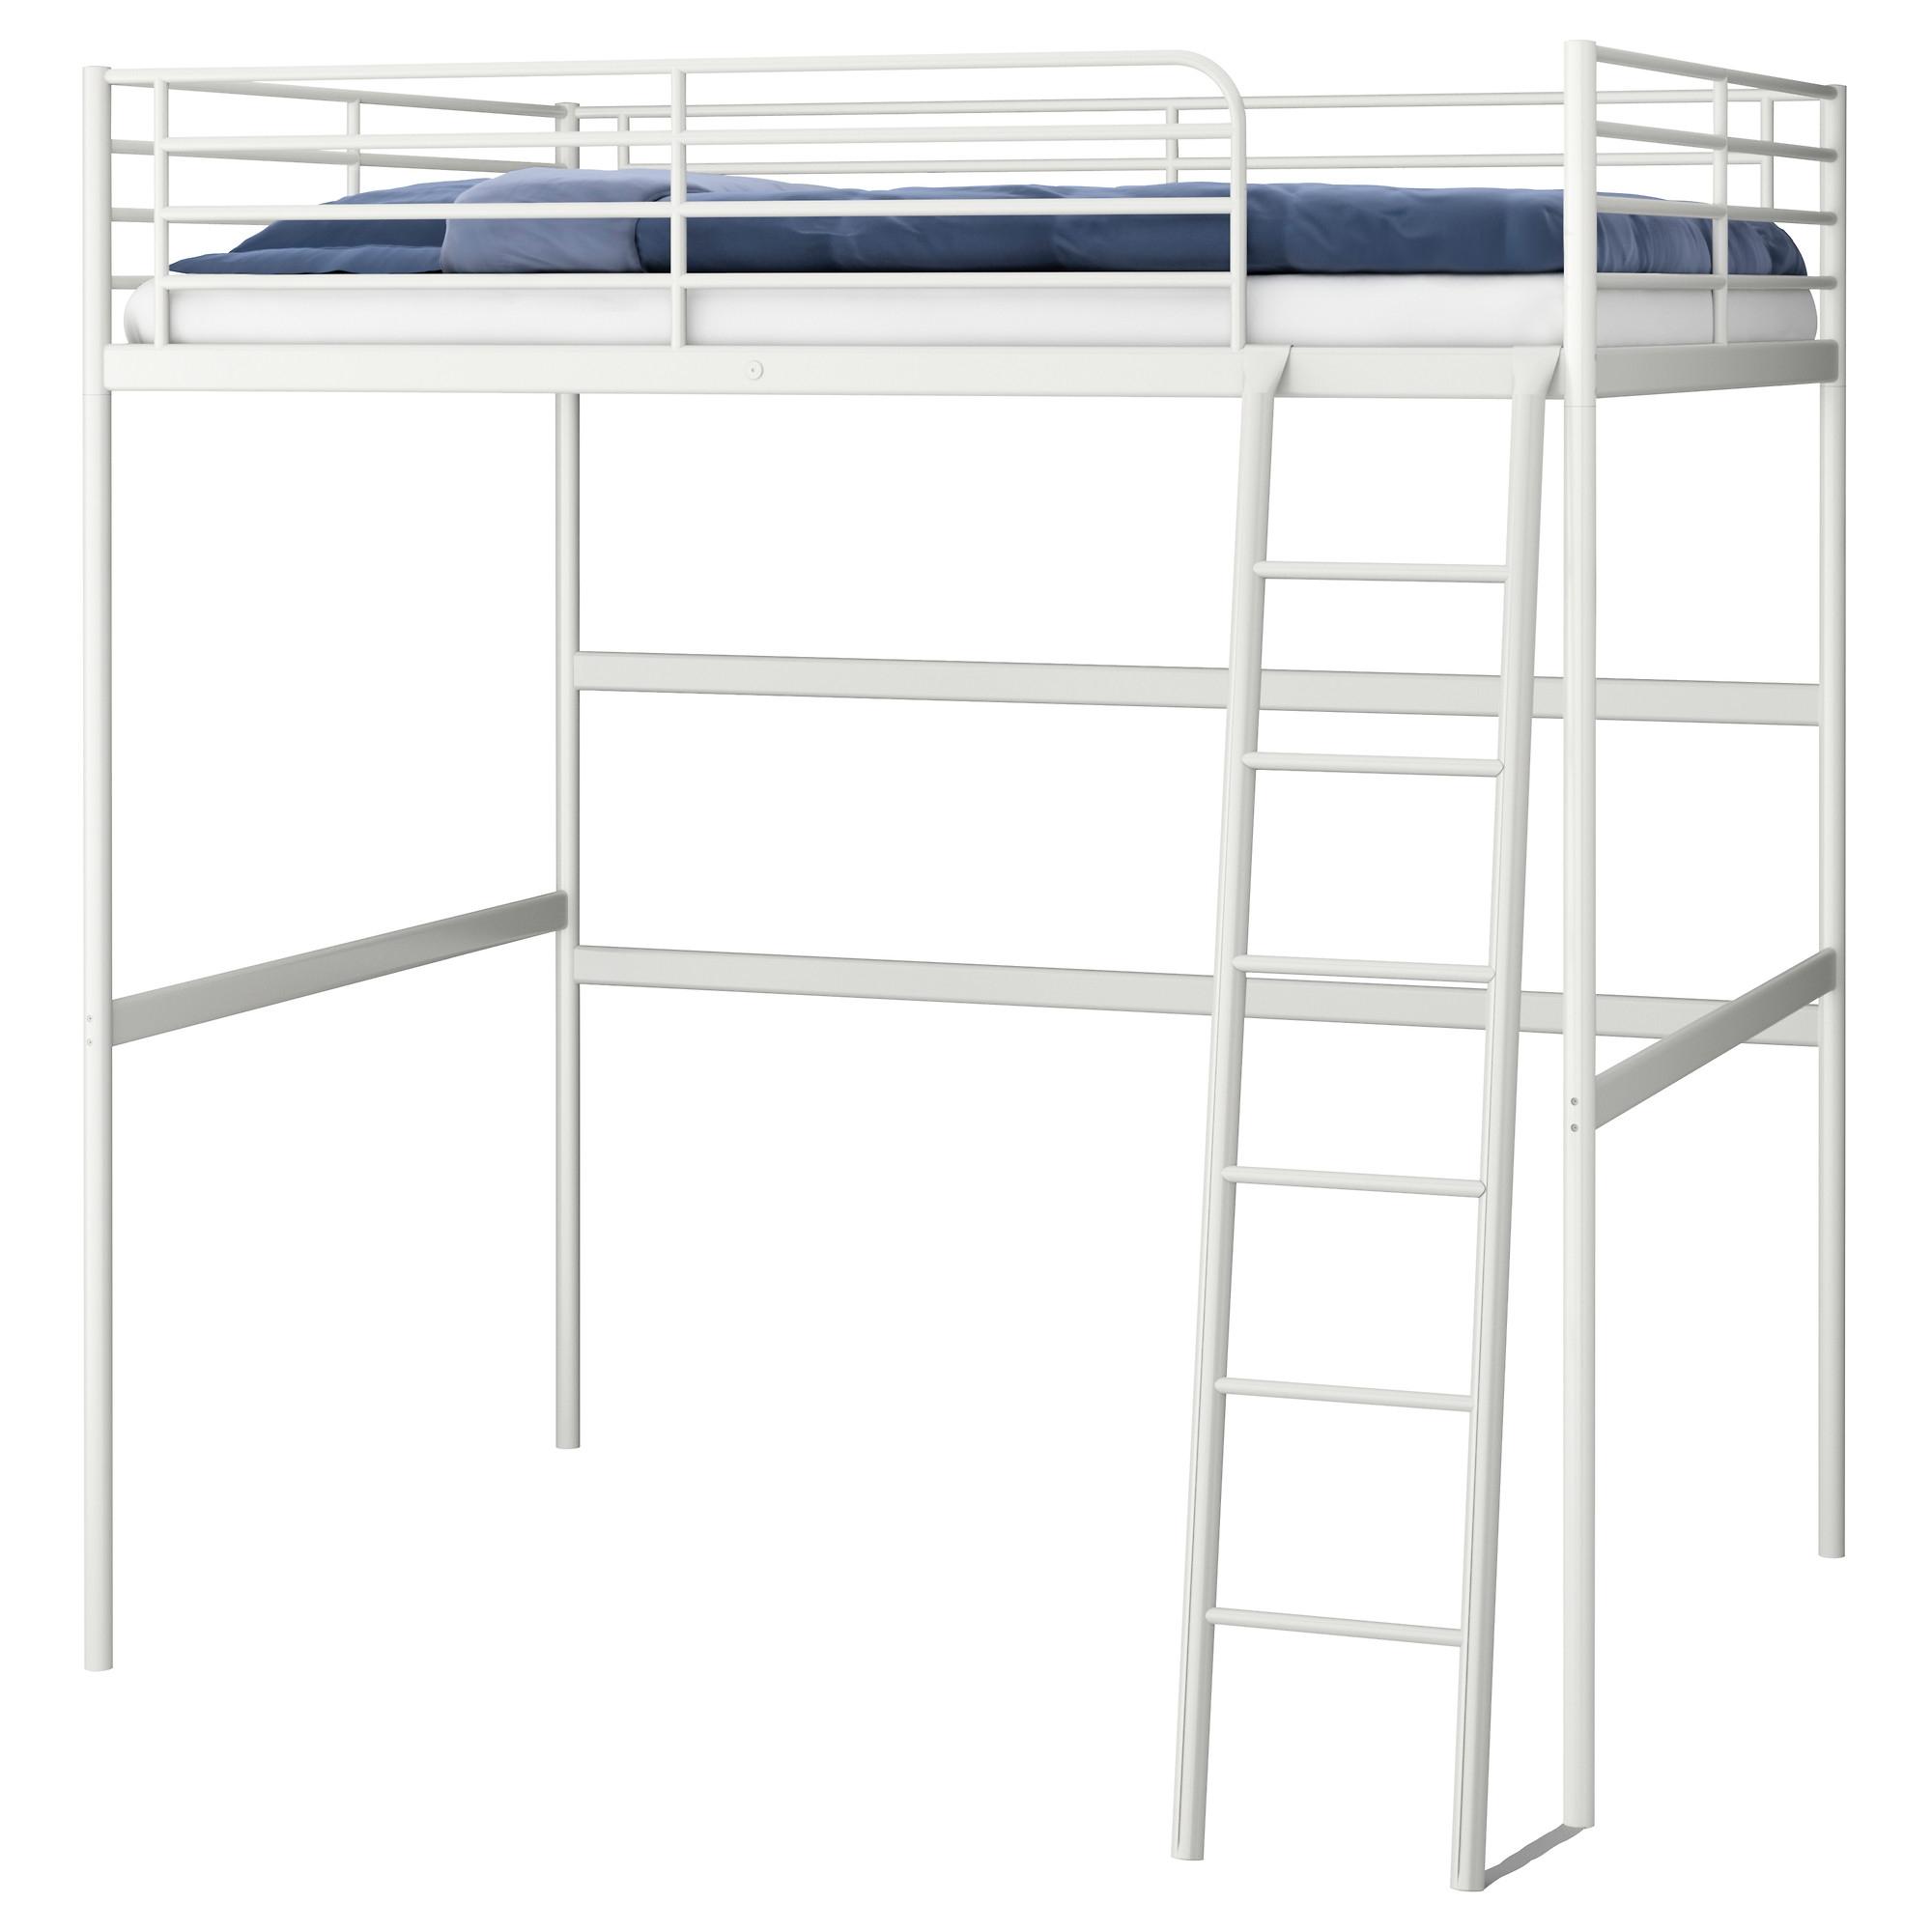 Troms estructura cama alta for Estructura de cama alta ikea